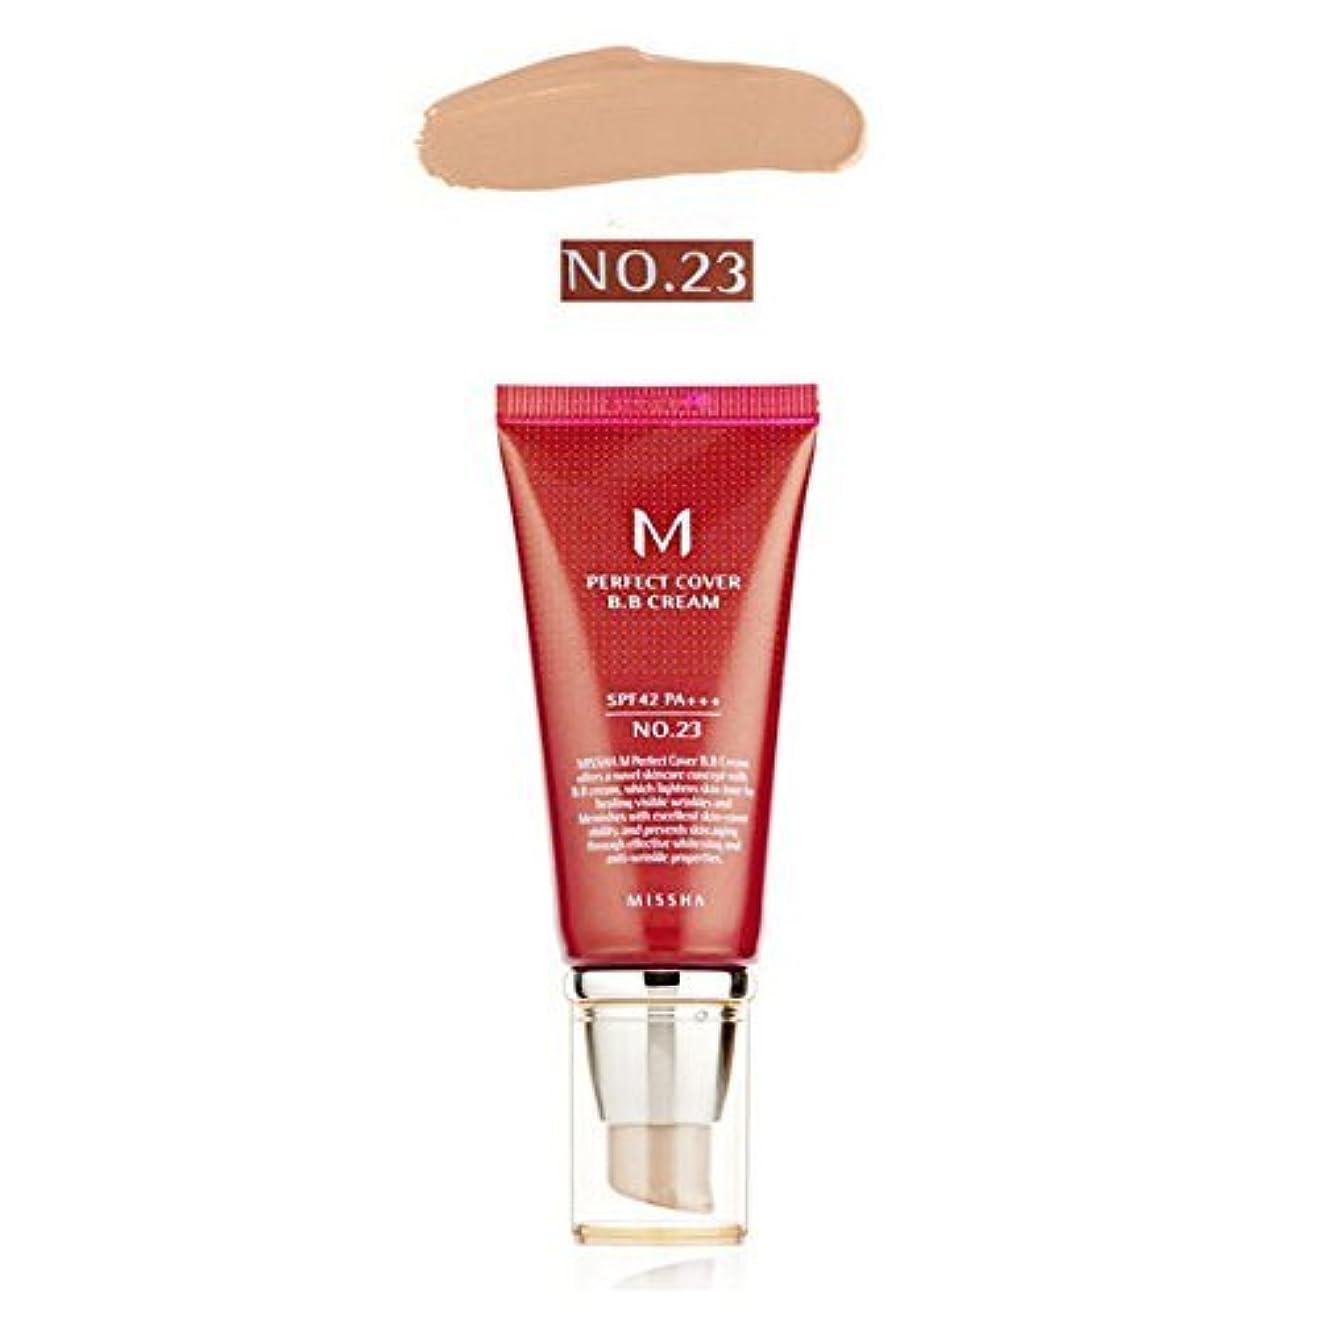 母スクラブマトリックス[ミシャ] MISSHA [M パーフェクト カバー BBクリーム 21号 / 23号50ml] (M Perfect Cover BB cream 21号 / 23号 50ml) SPF42 PA+++ (Type5...